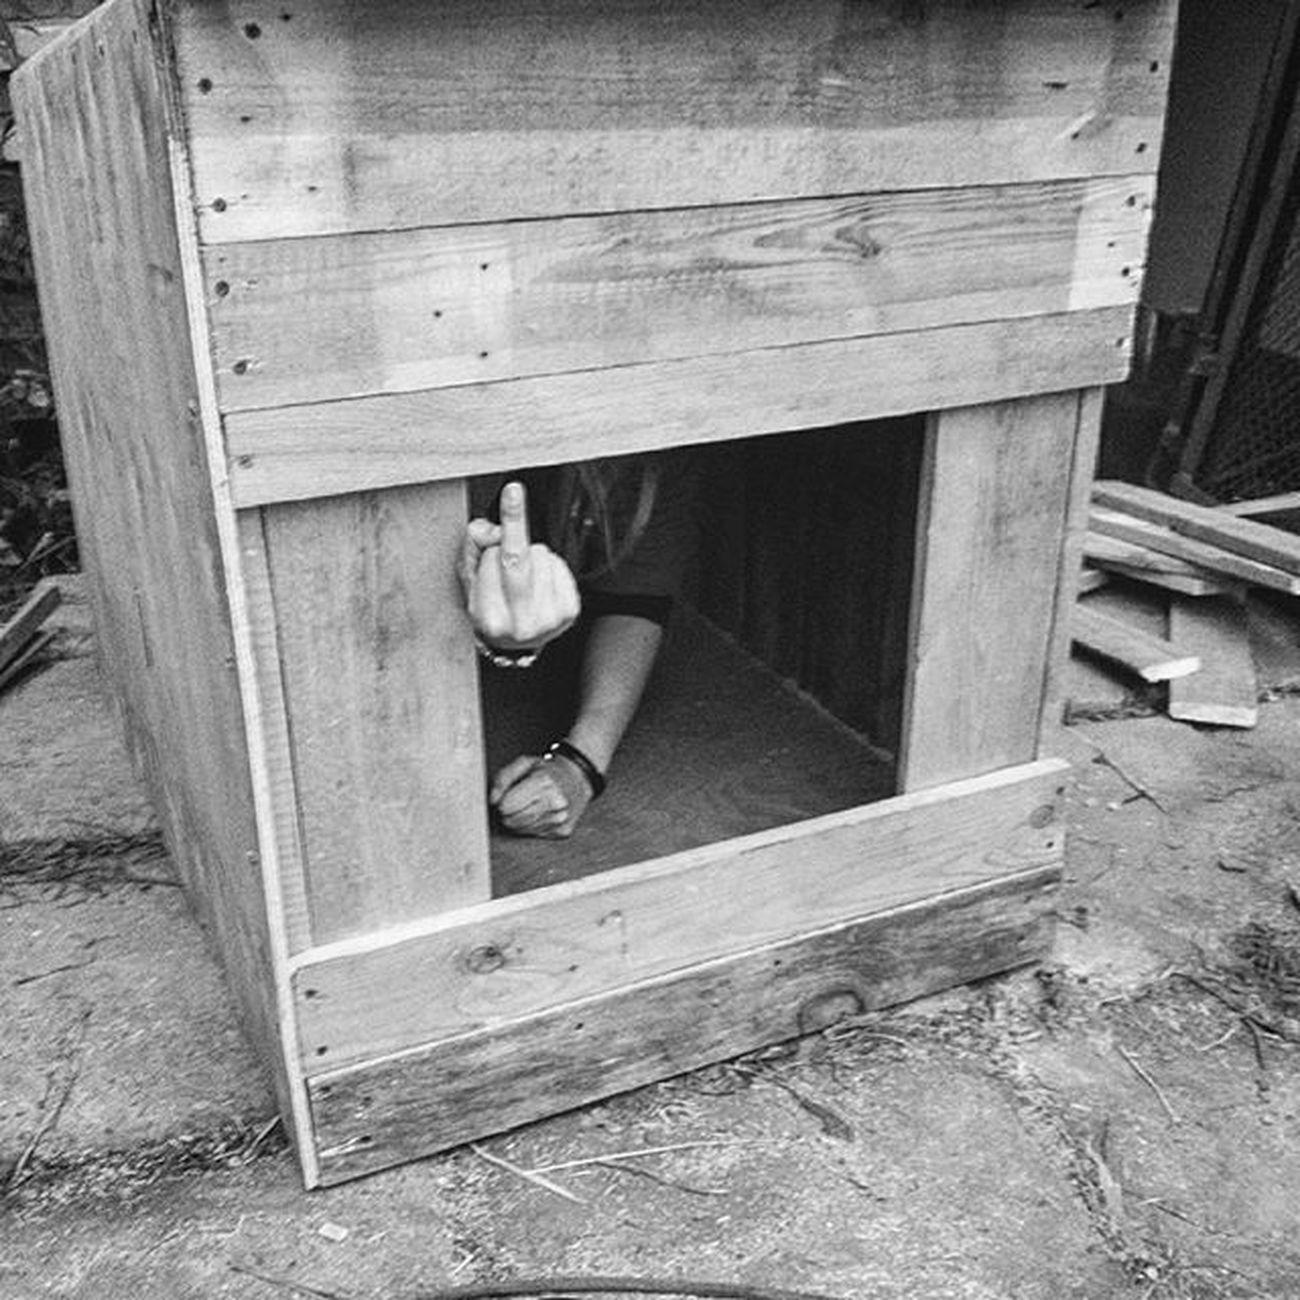 Вот дом который построил Джек. домкоторыйпостроилджек домикдядюшкитыквы фак Vscocam mobilephotography